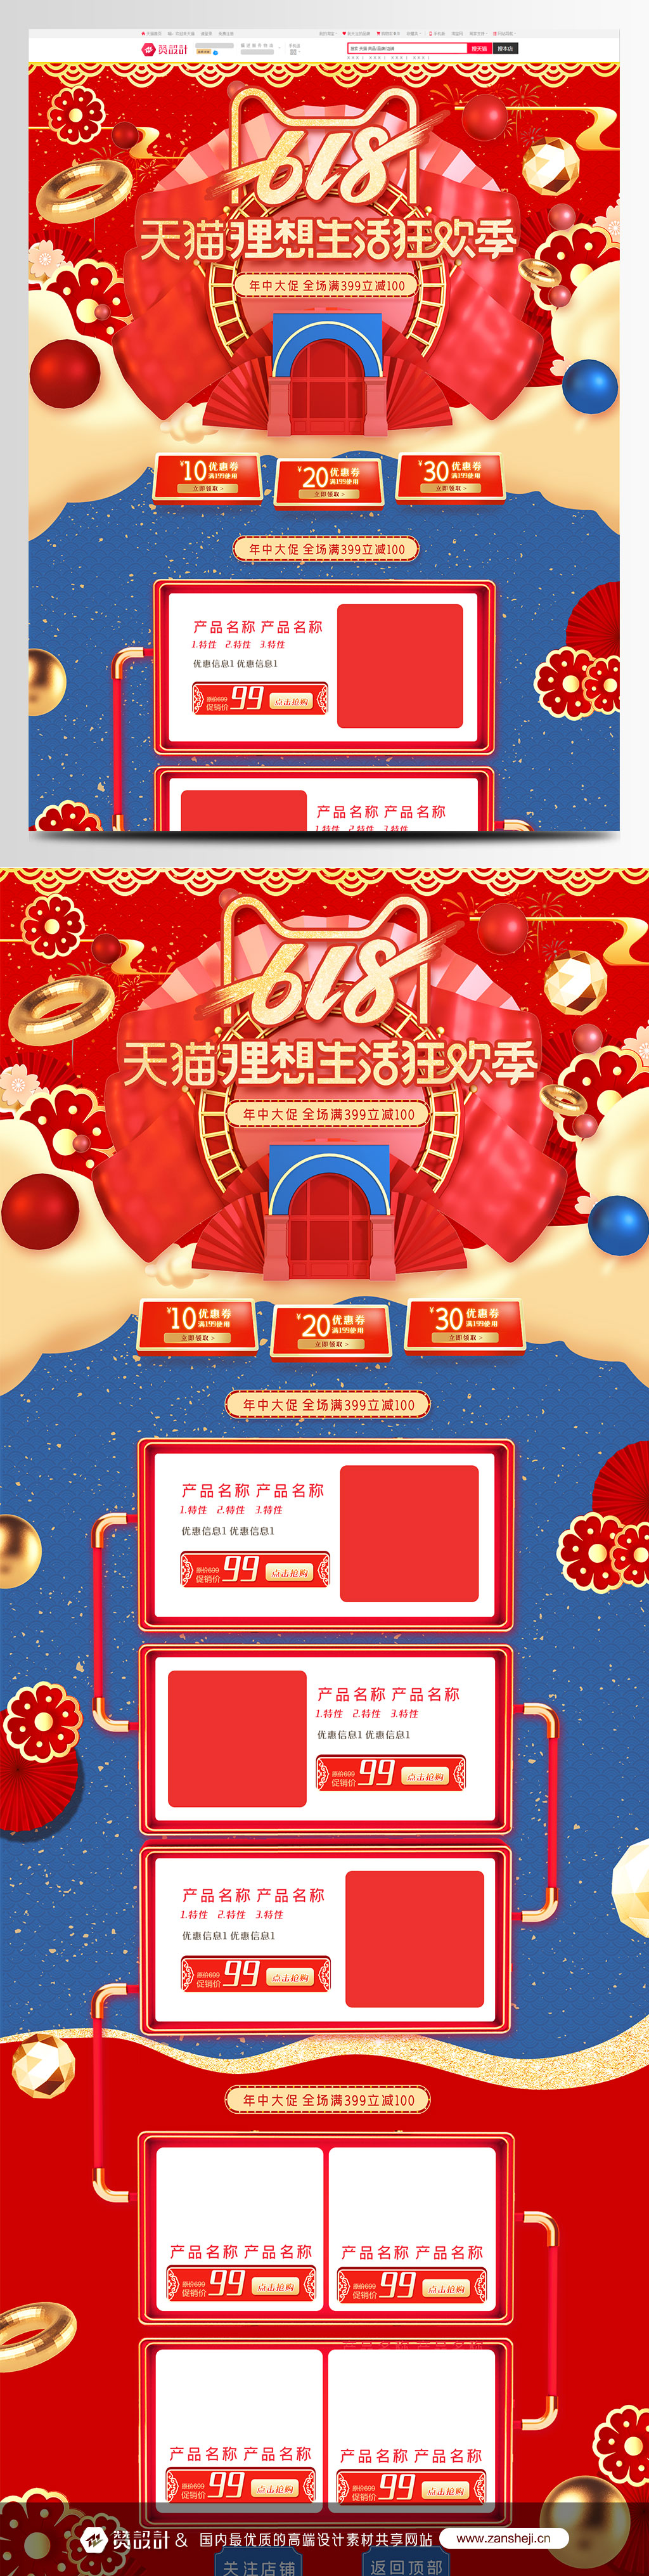 98中国风C4D618年中大促电商首页